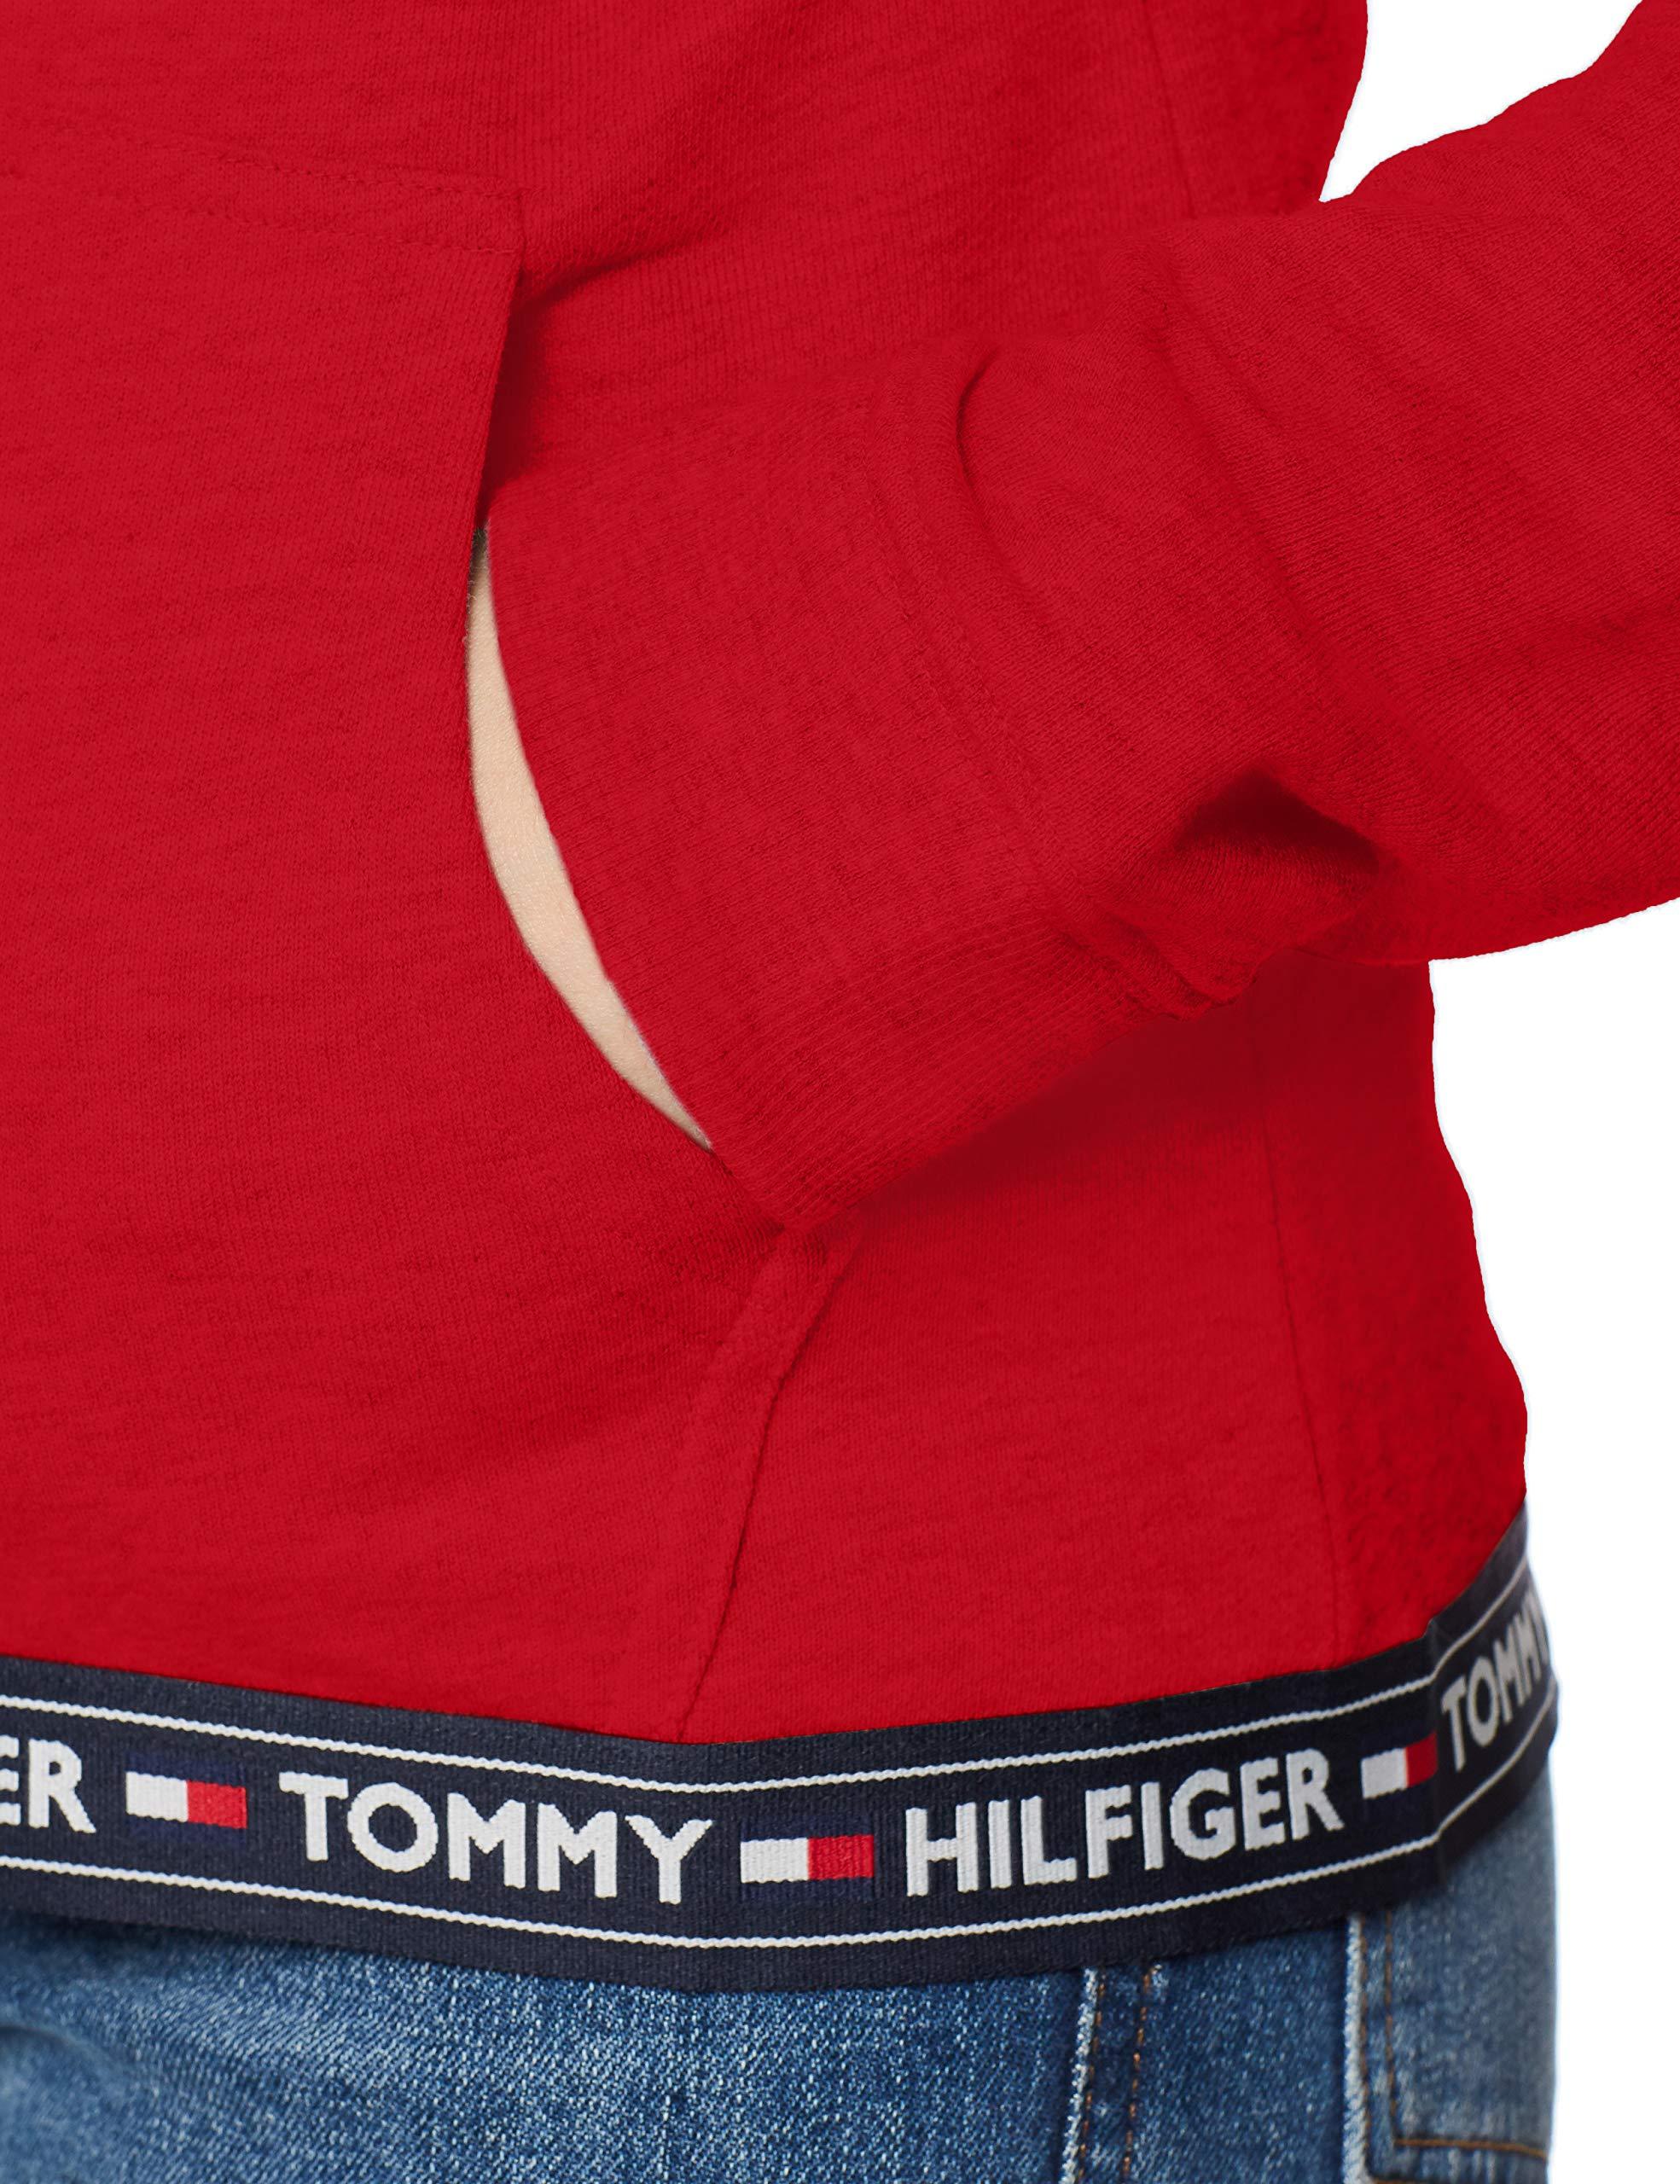 Tommy Hilfiger Women's Hoody Hwk Pyjama Top